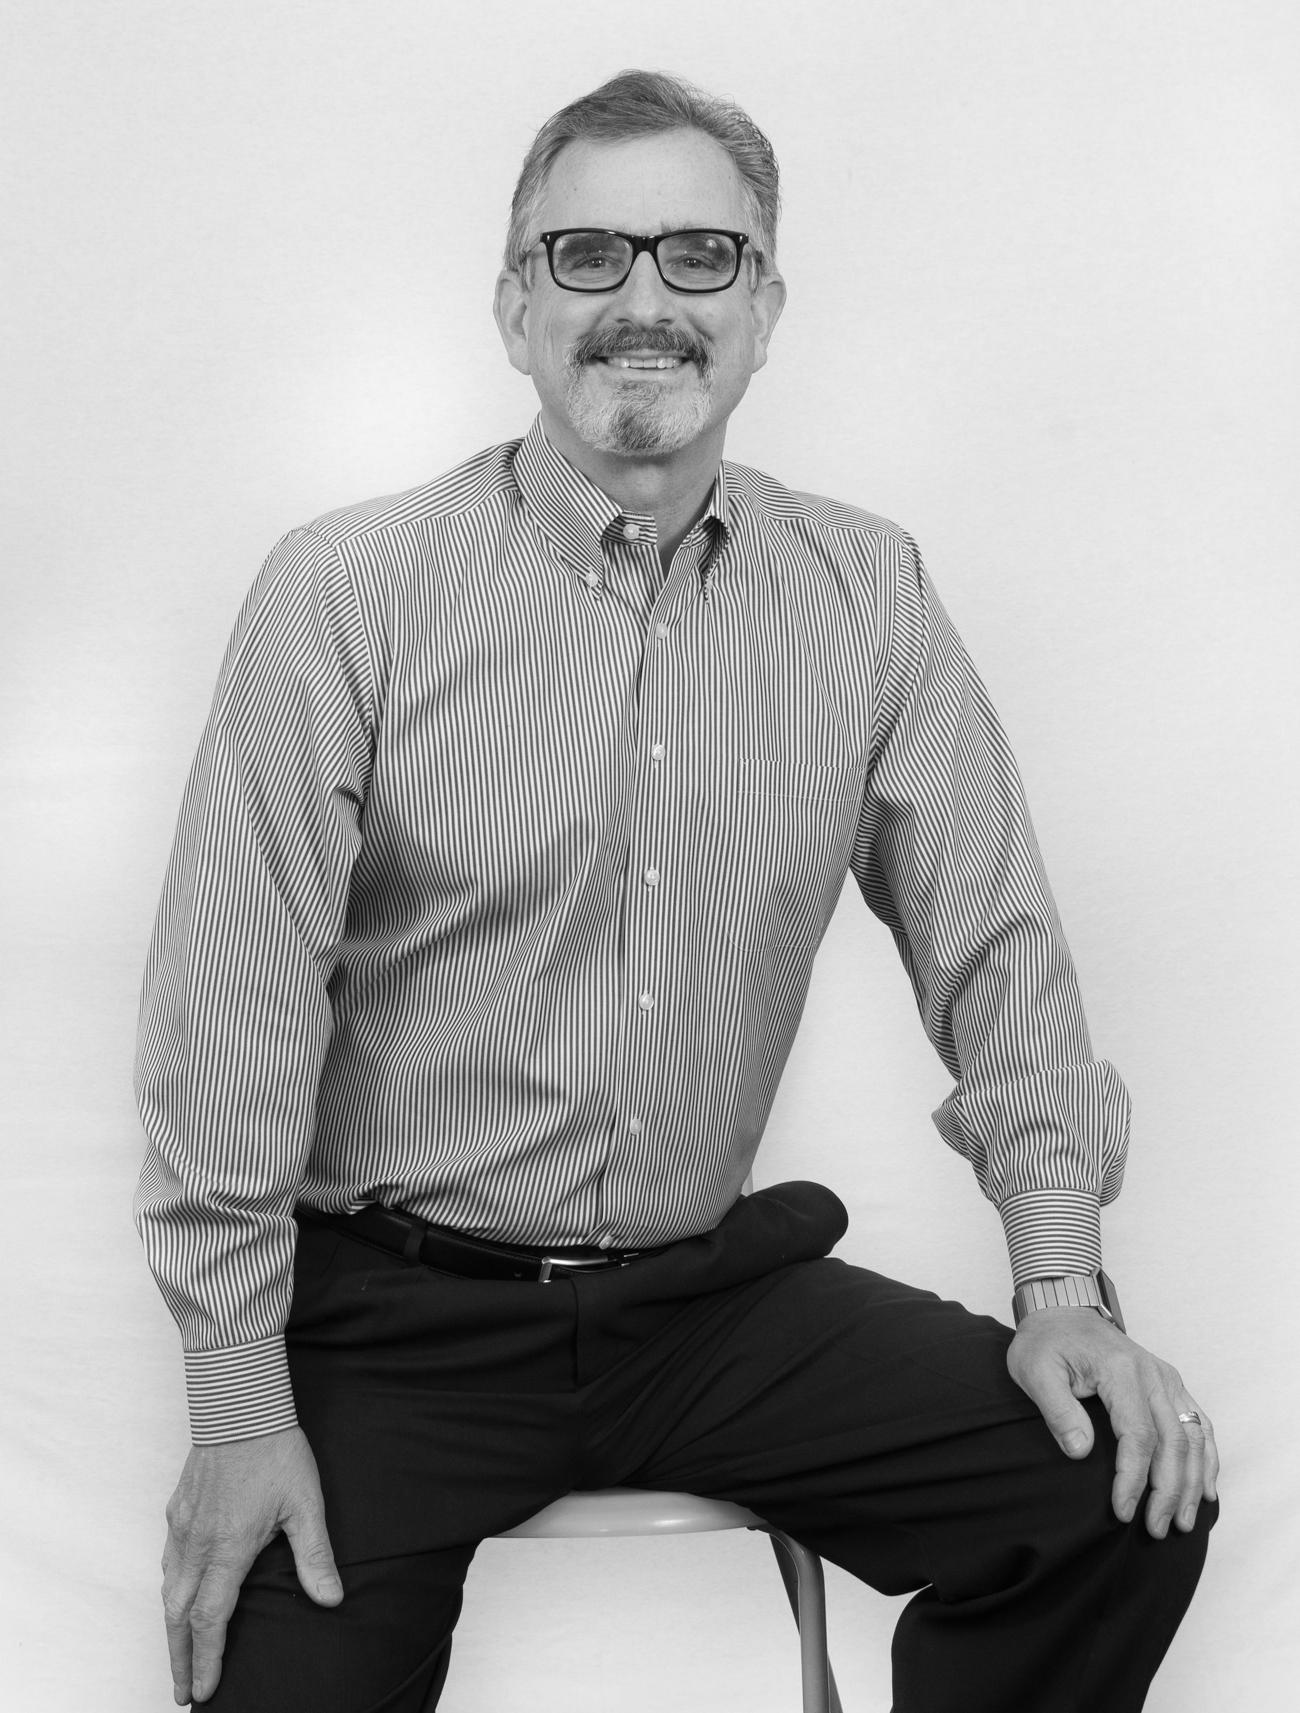 Mark DeBellis